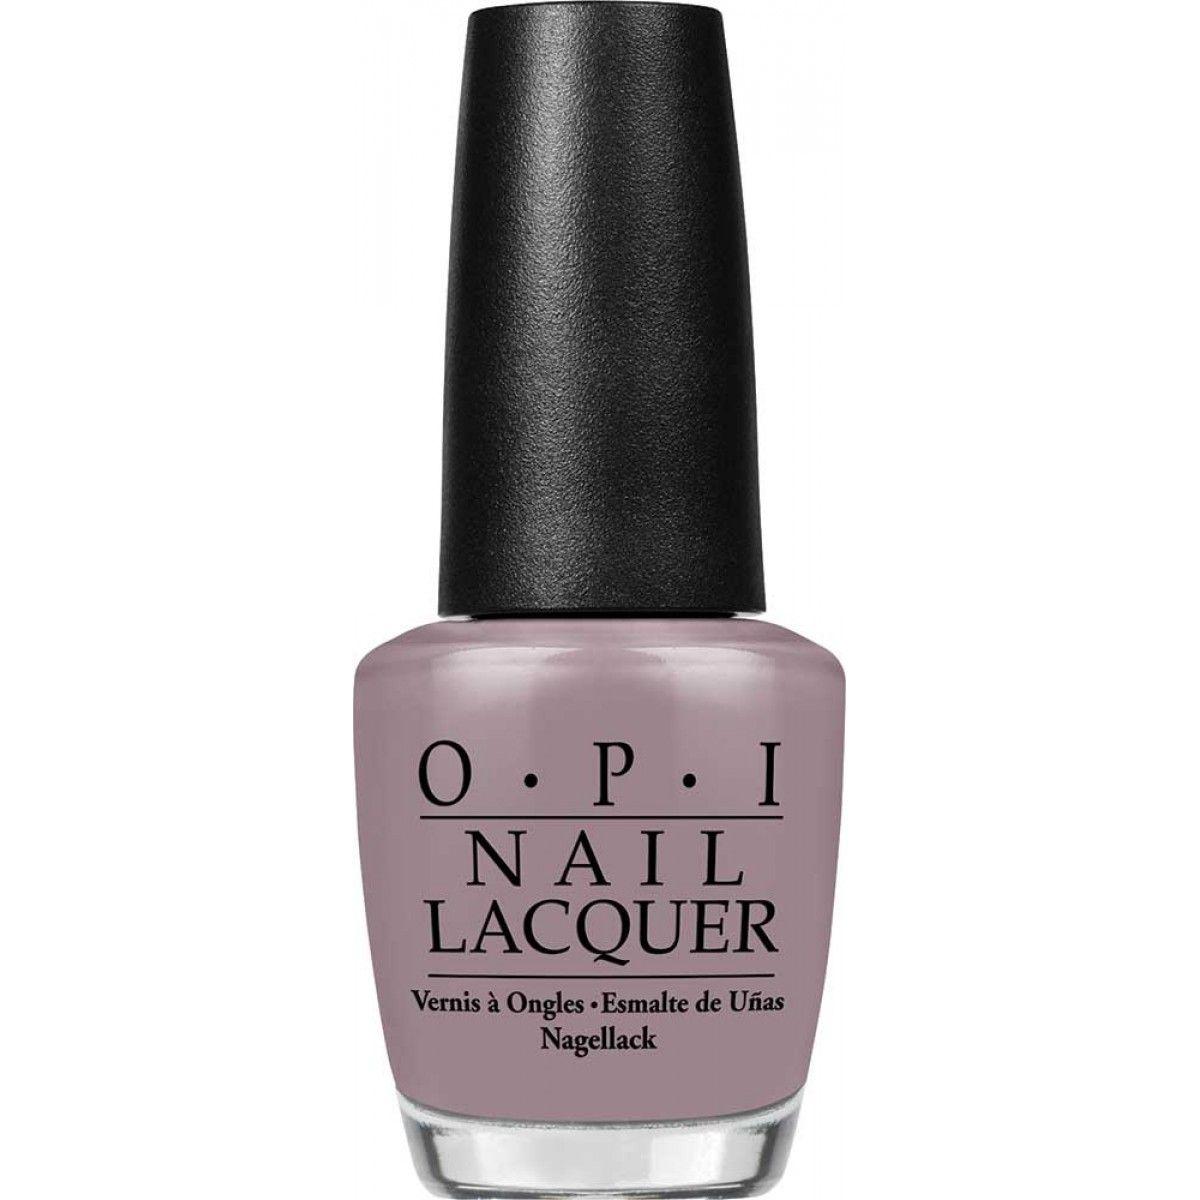 OPI Лак для ногтей Taupe-less Beach, 15 млNLA61Лак для ногтей OPI быстросохнущий, содержит натуральный шелк и аминокислоты. Увлажняет и ухаживает за ногтями. Форма флакона, колпачка и кисти специально разработаны для удобного использования и запатентованы.